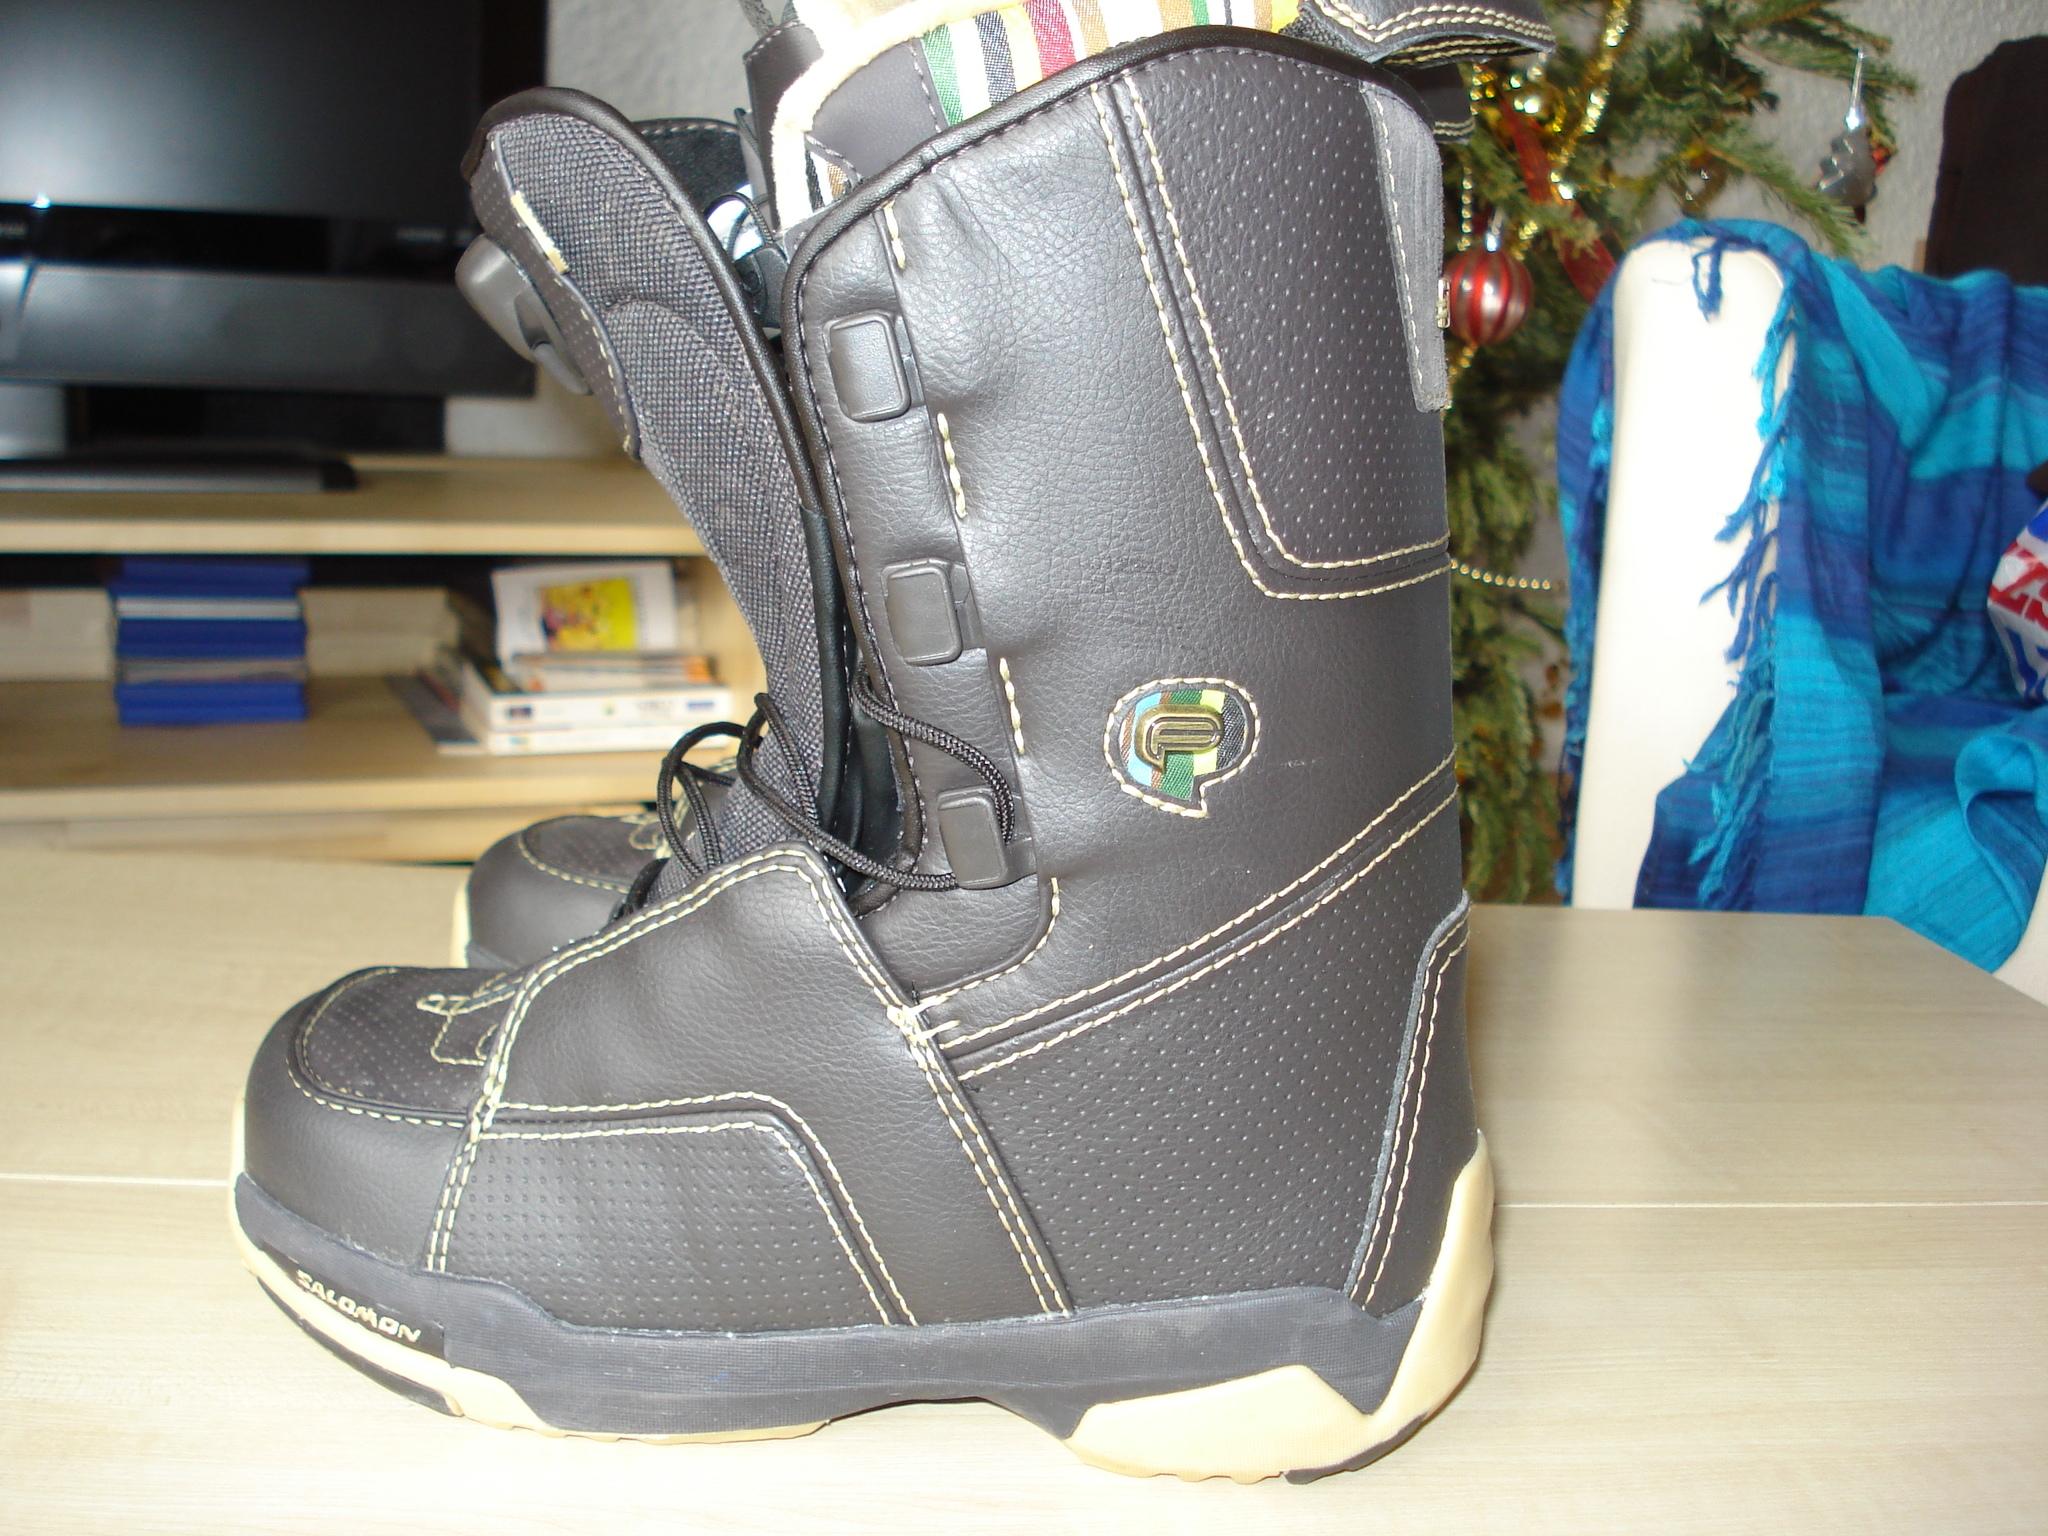 De Chaussures 2008 F22 Vends Salomon Snowboard qSCwCUvHI